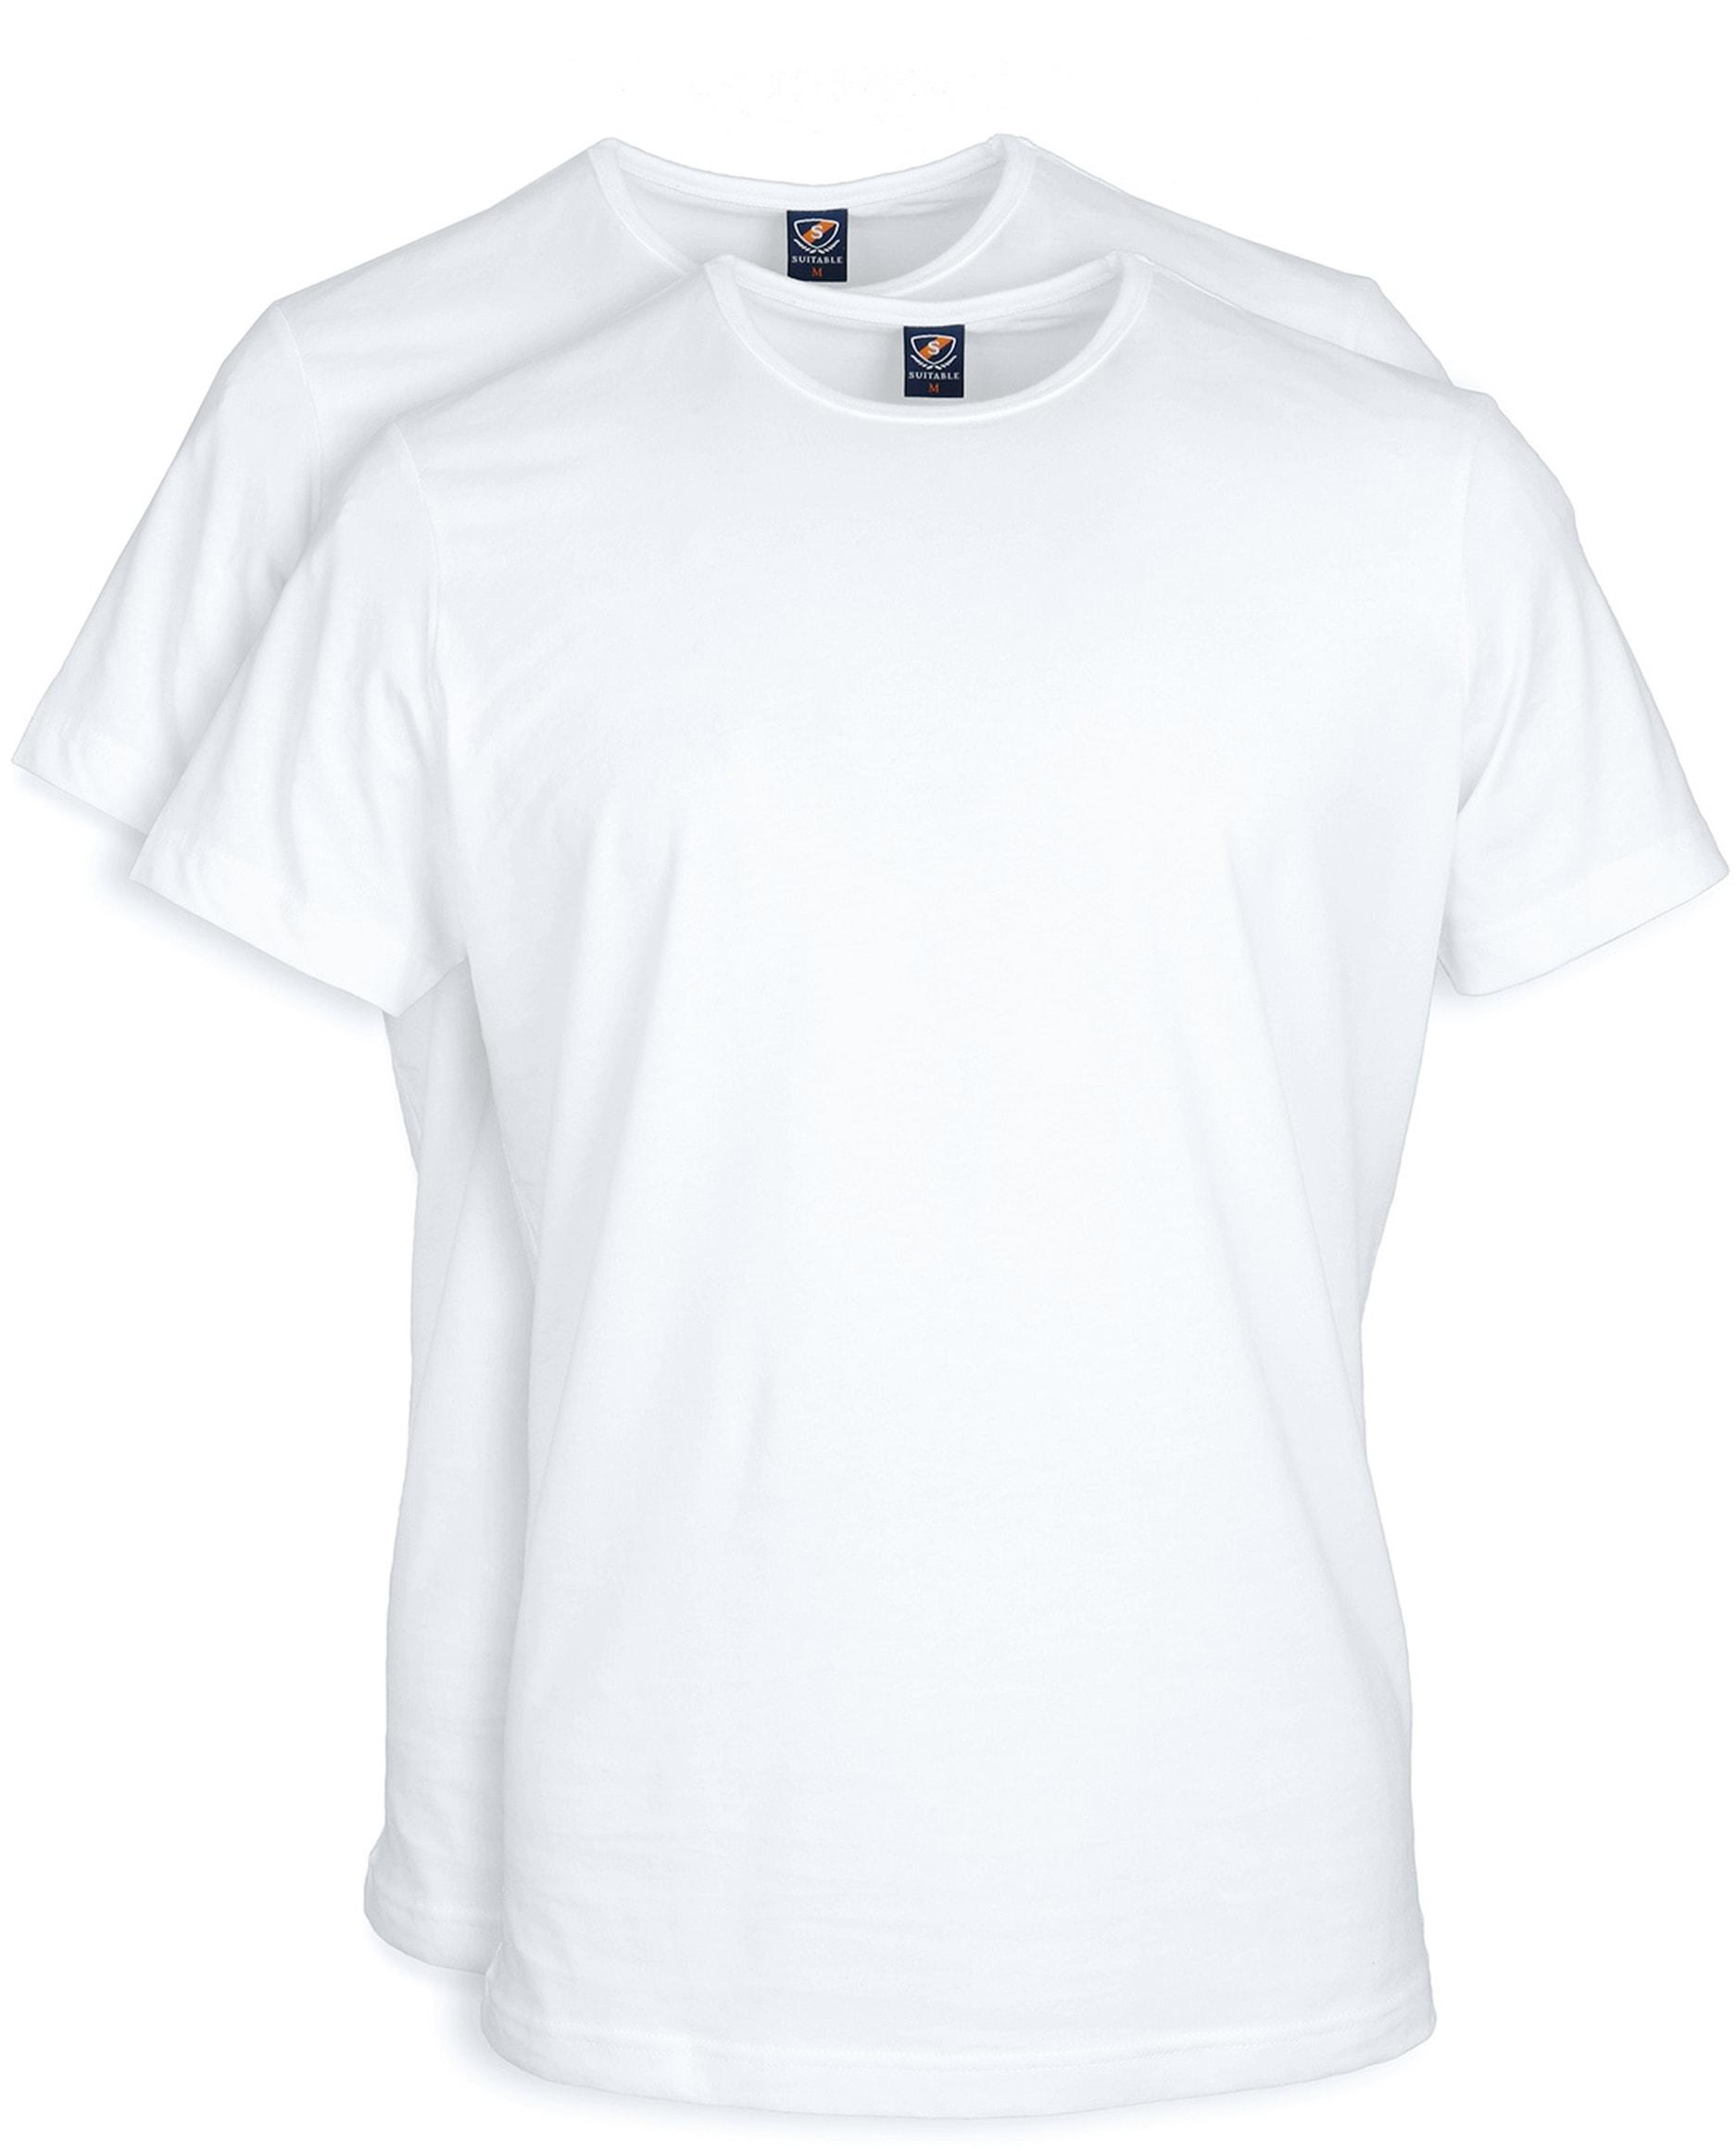 T-Shirt Rund Hals 2-Pack (2 Stück) Weiß foto 0